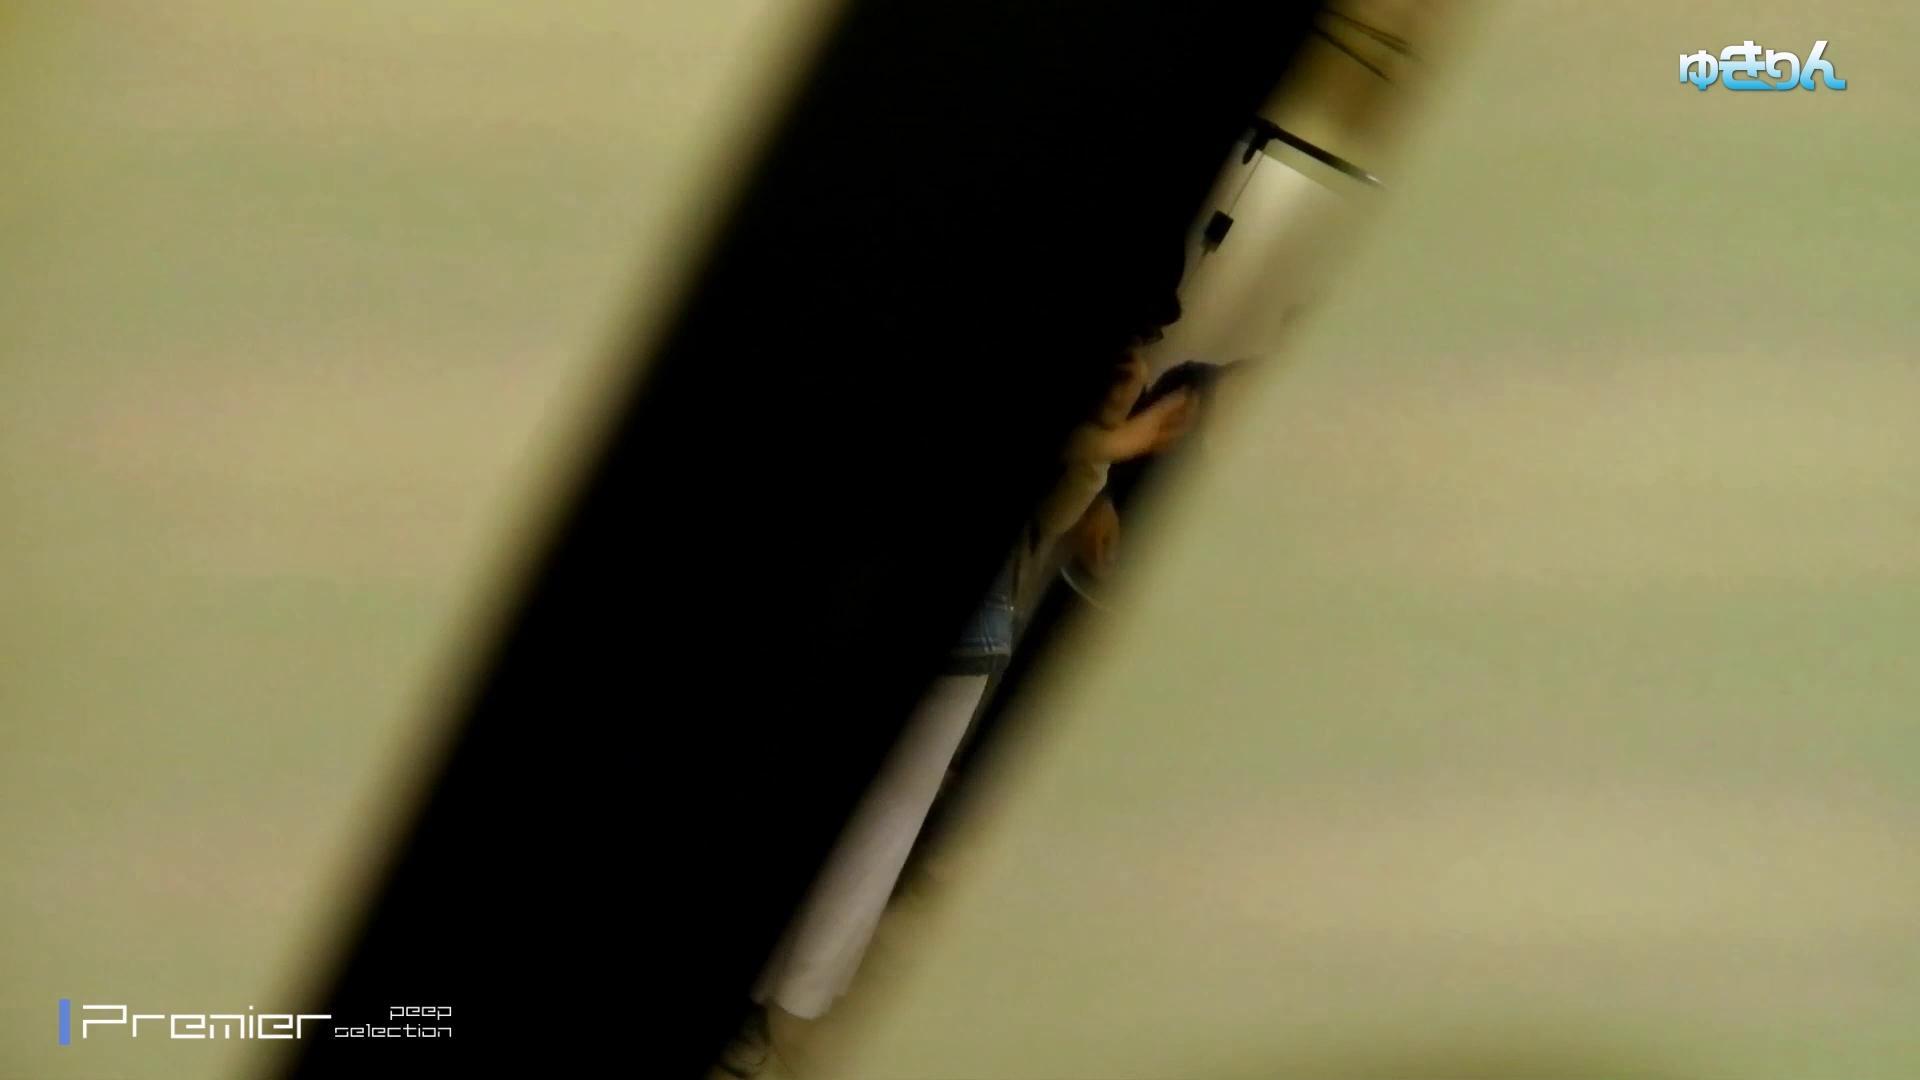 新世界の射窓 No88 必見スニーカーで壁を超える長身!!美女3人 美女達のヌード   洗面所着替え  51連発 10